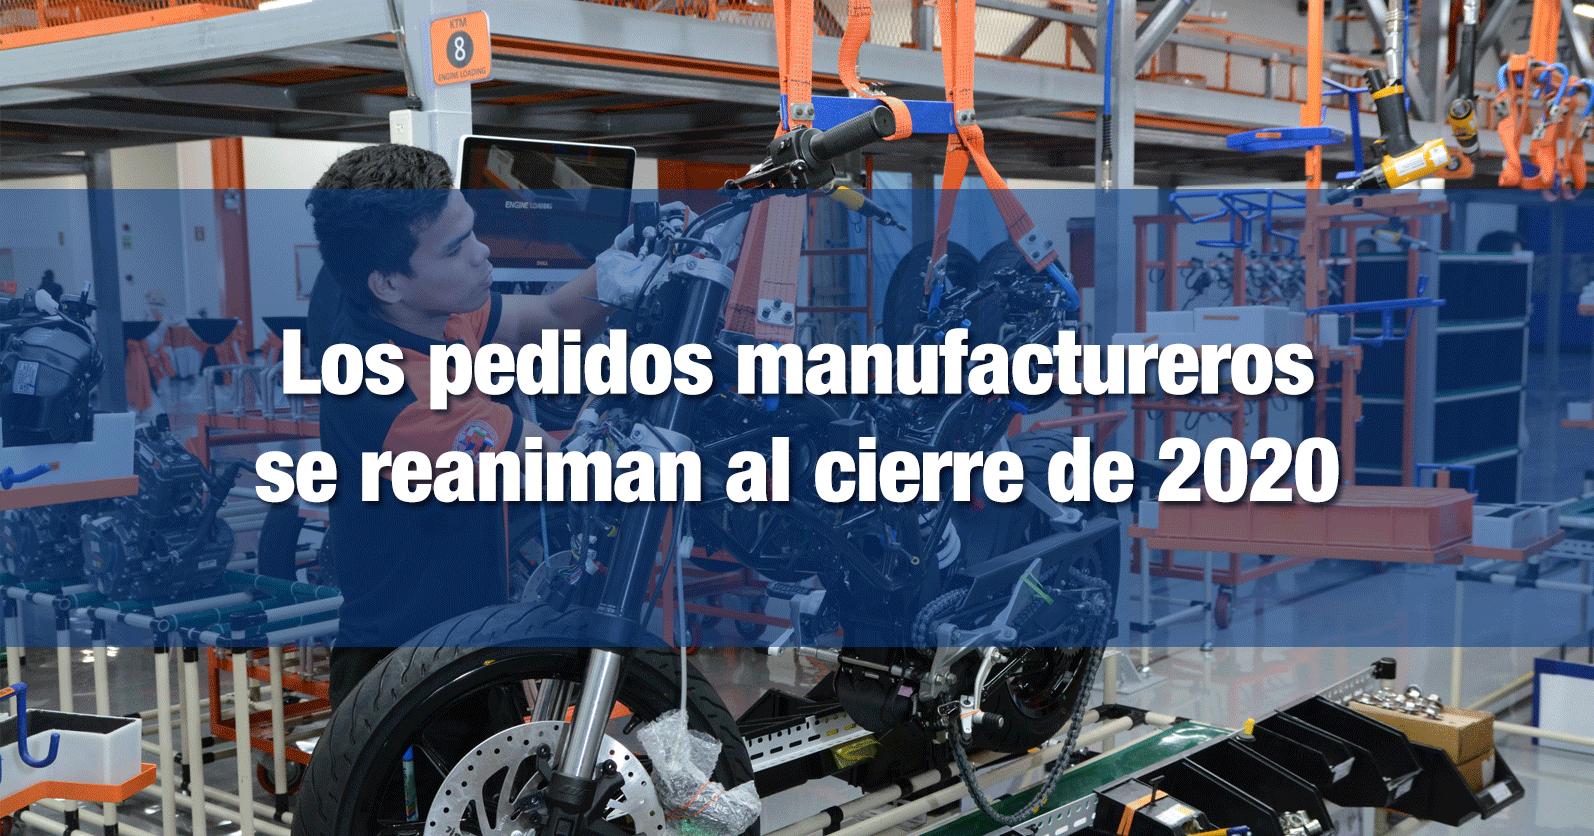 Los pedidos manufactureros se reaniman al cierre de 2020